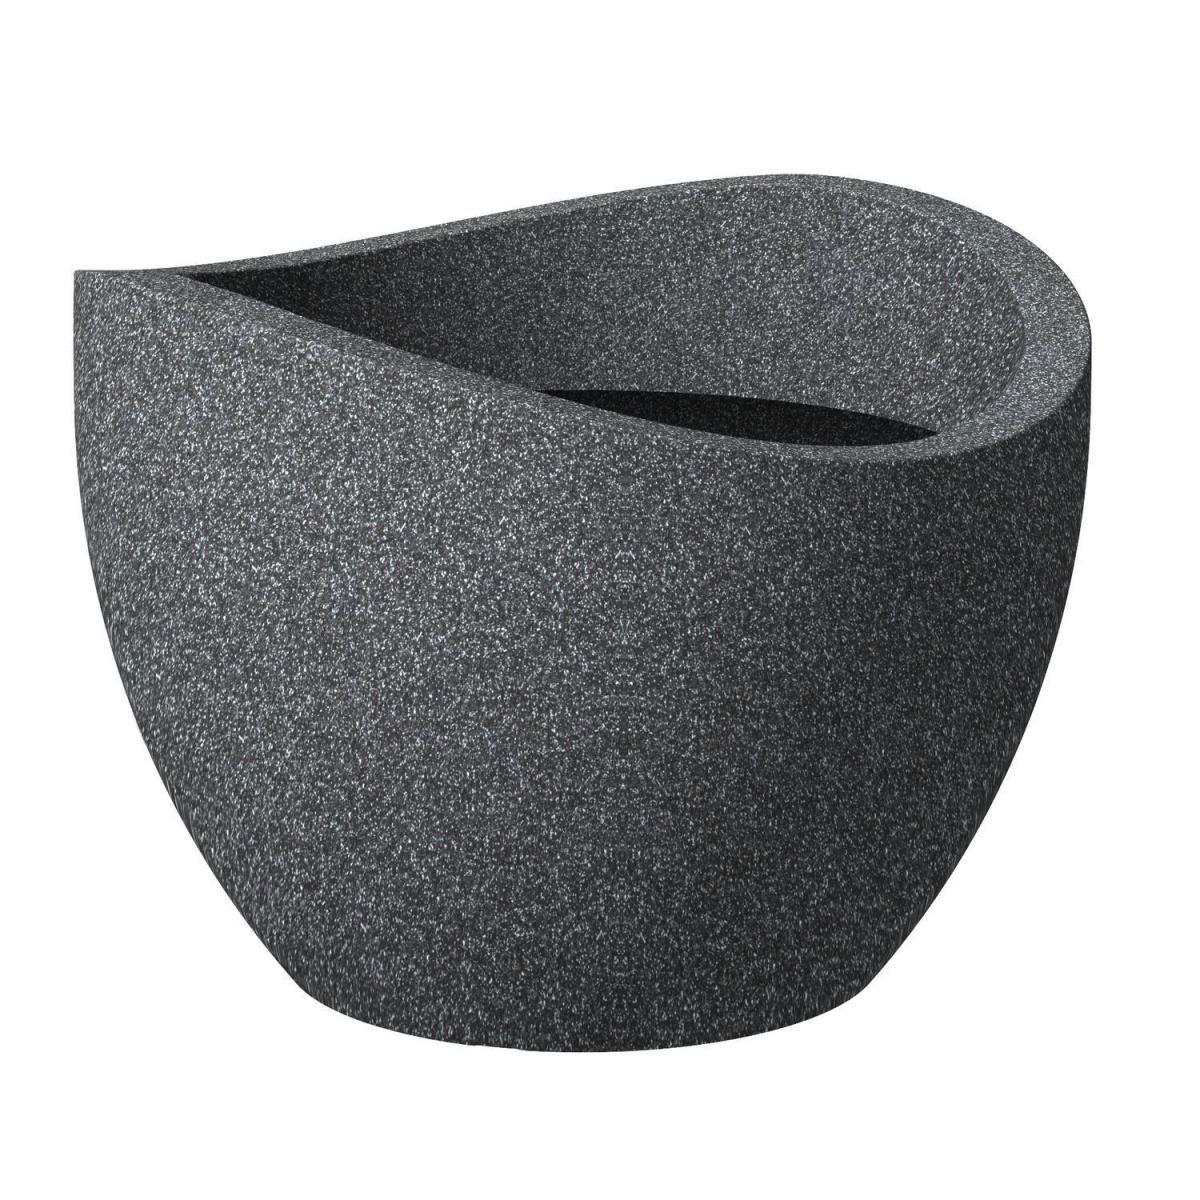 Scheurich Pflanzgefäß Wave Globe Ø 30 cm Schwarz-Granit